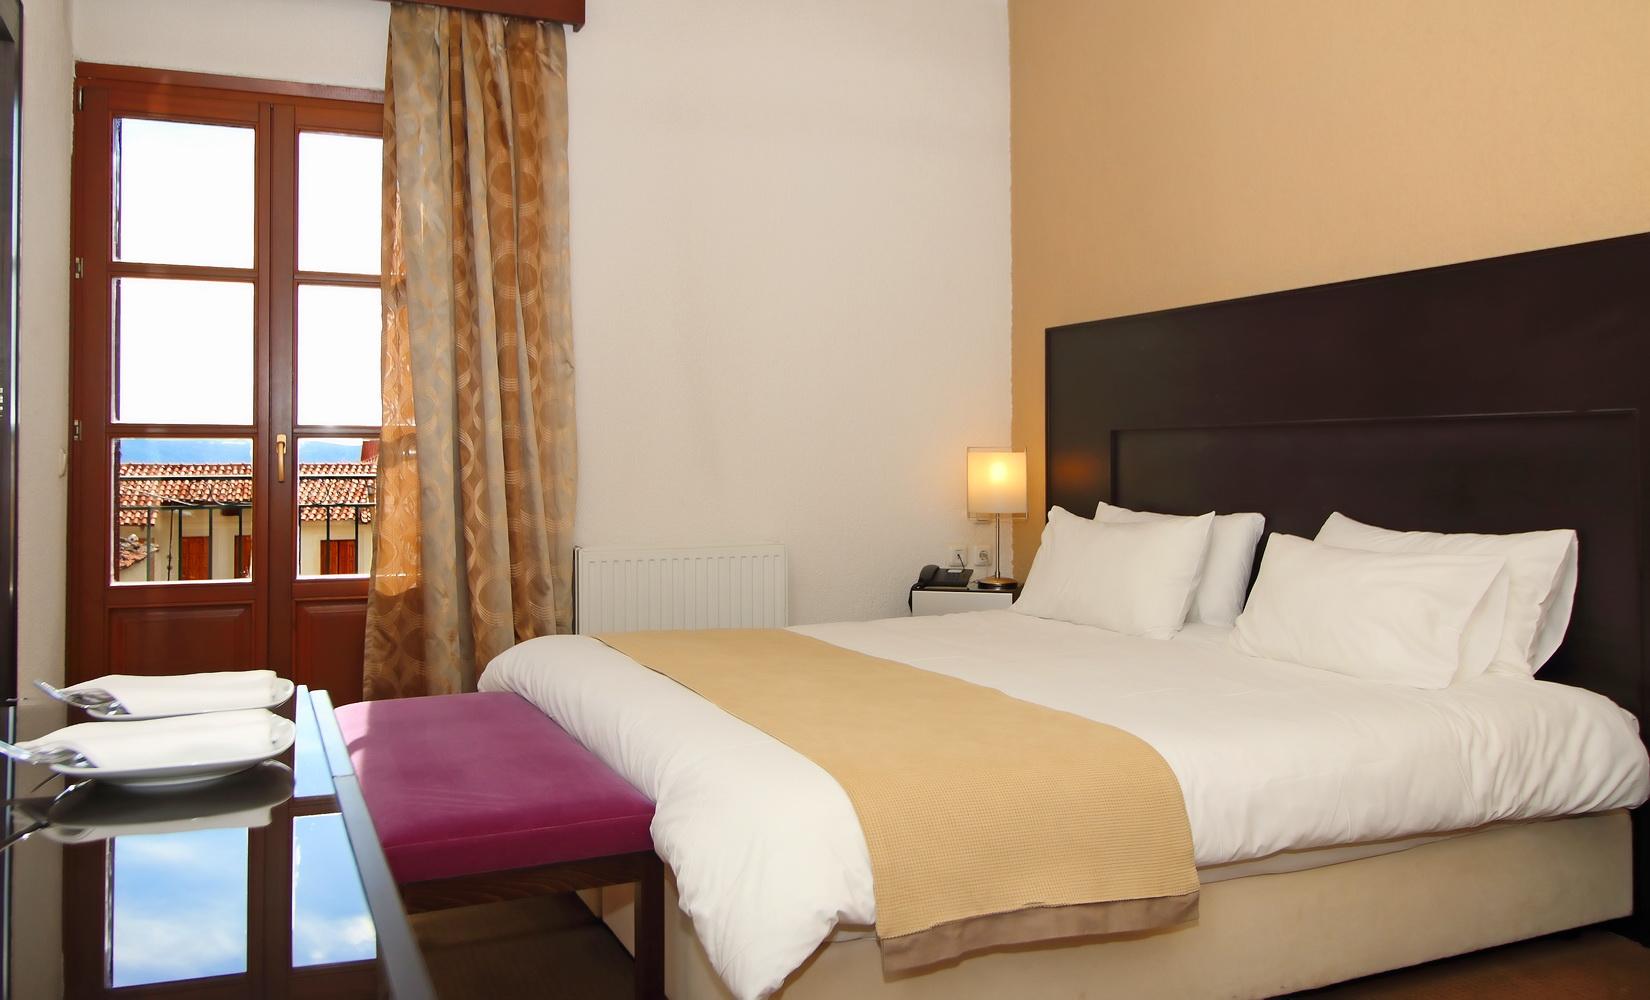 PARNASSIA HOTEL ROOM 1